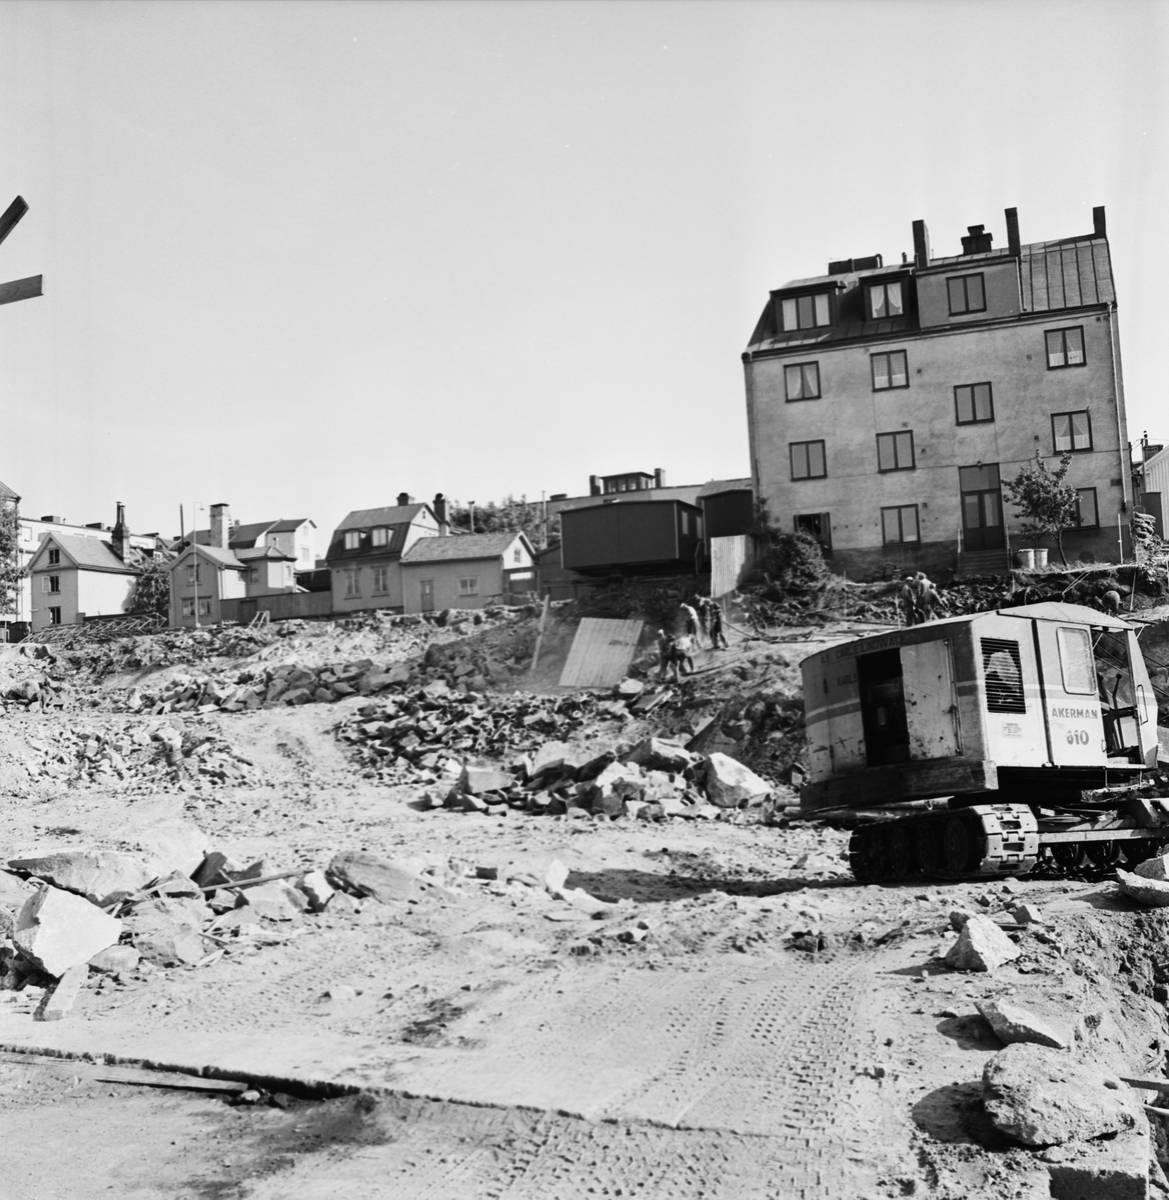 Övrigt: Foto datum: 15/6 1965 Byggnader och kranar Kvarteret pollux